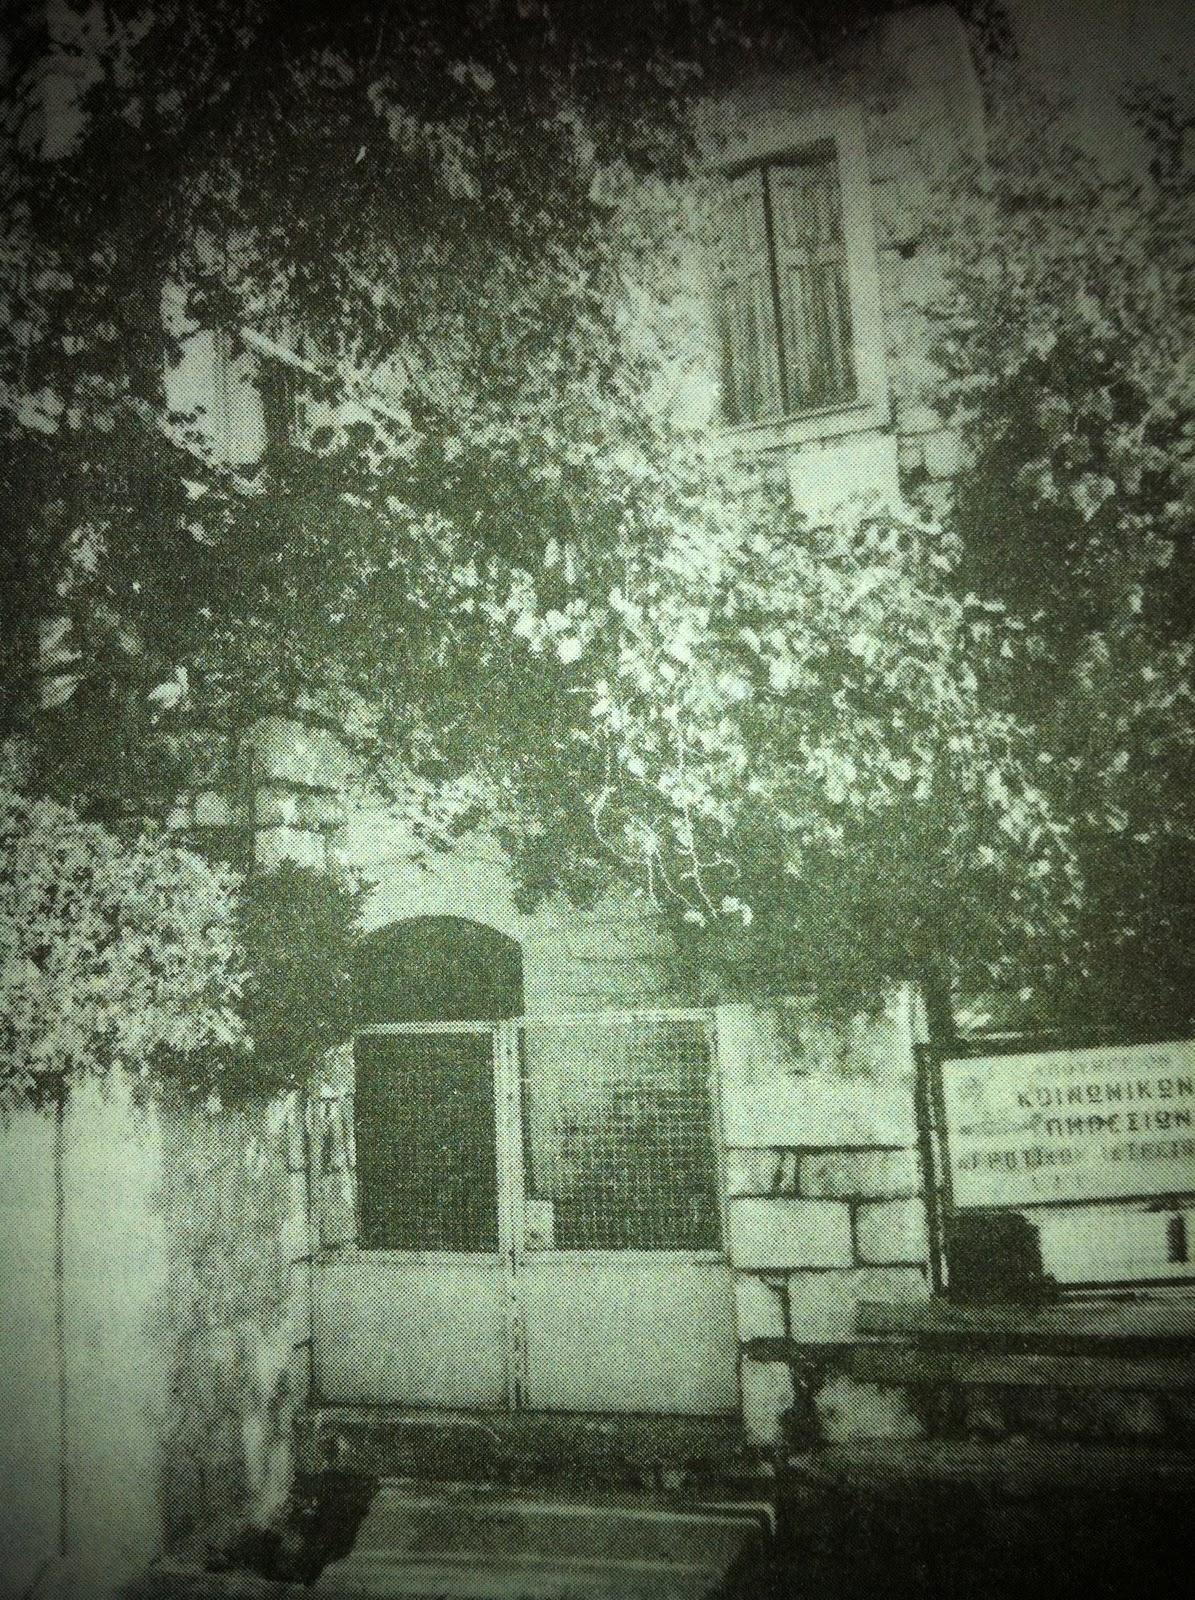 Το σπίτι της Αγγελικής Λαζαρή, το οποίο δώρισε στον Ελληνικό Ερυθρό Σταυρό